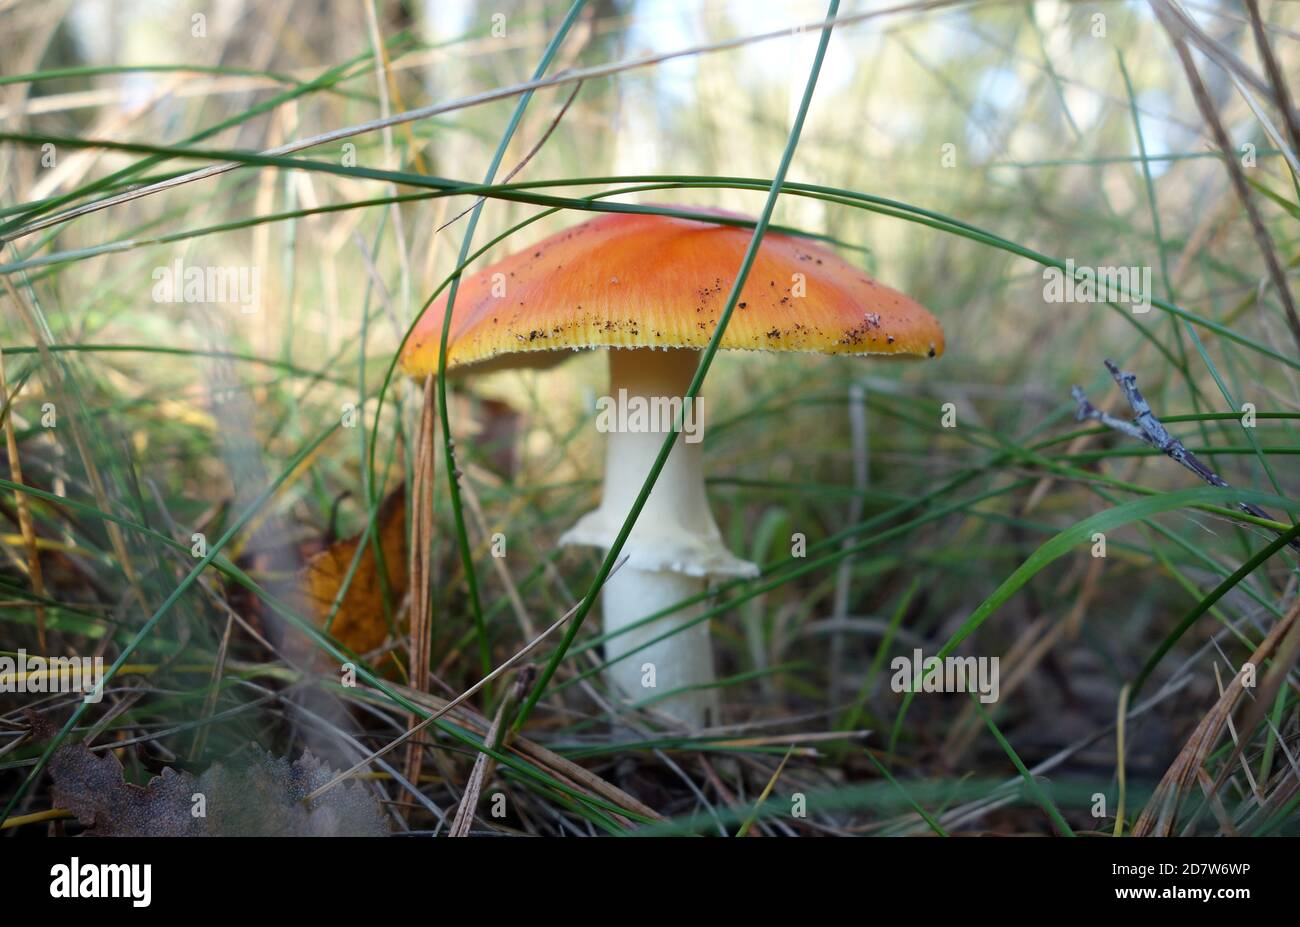 Una mosca agarica di colore arancione nella foresta senza punti bianchi. Fungo tossico. Toadsgool nel bosco circondato da erba. Foto Stock